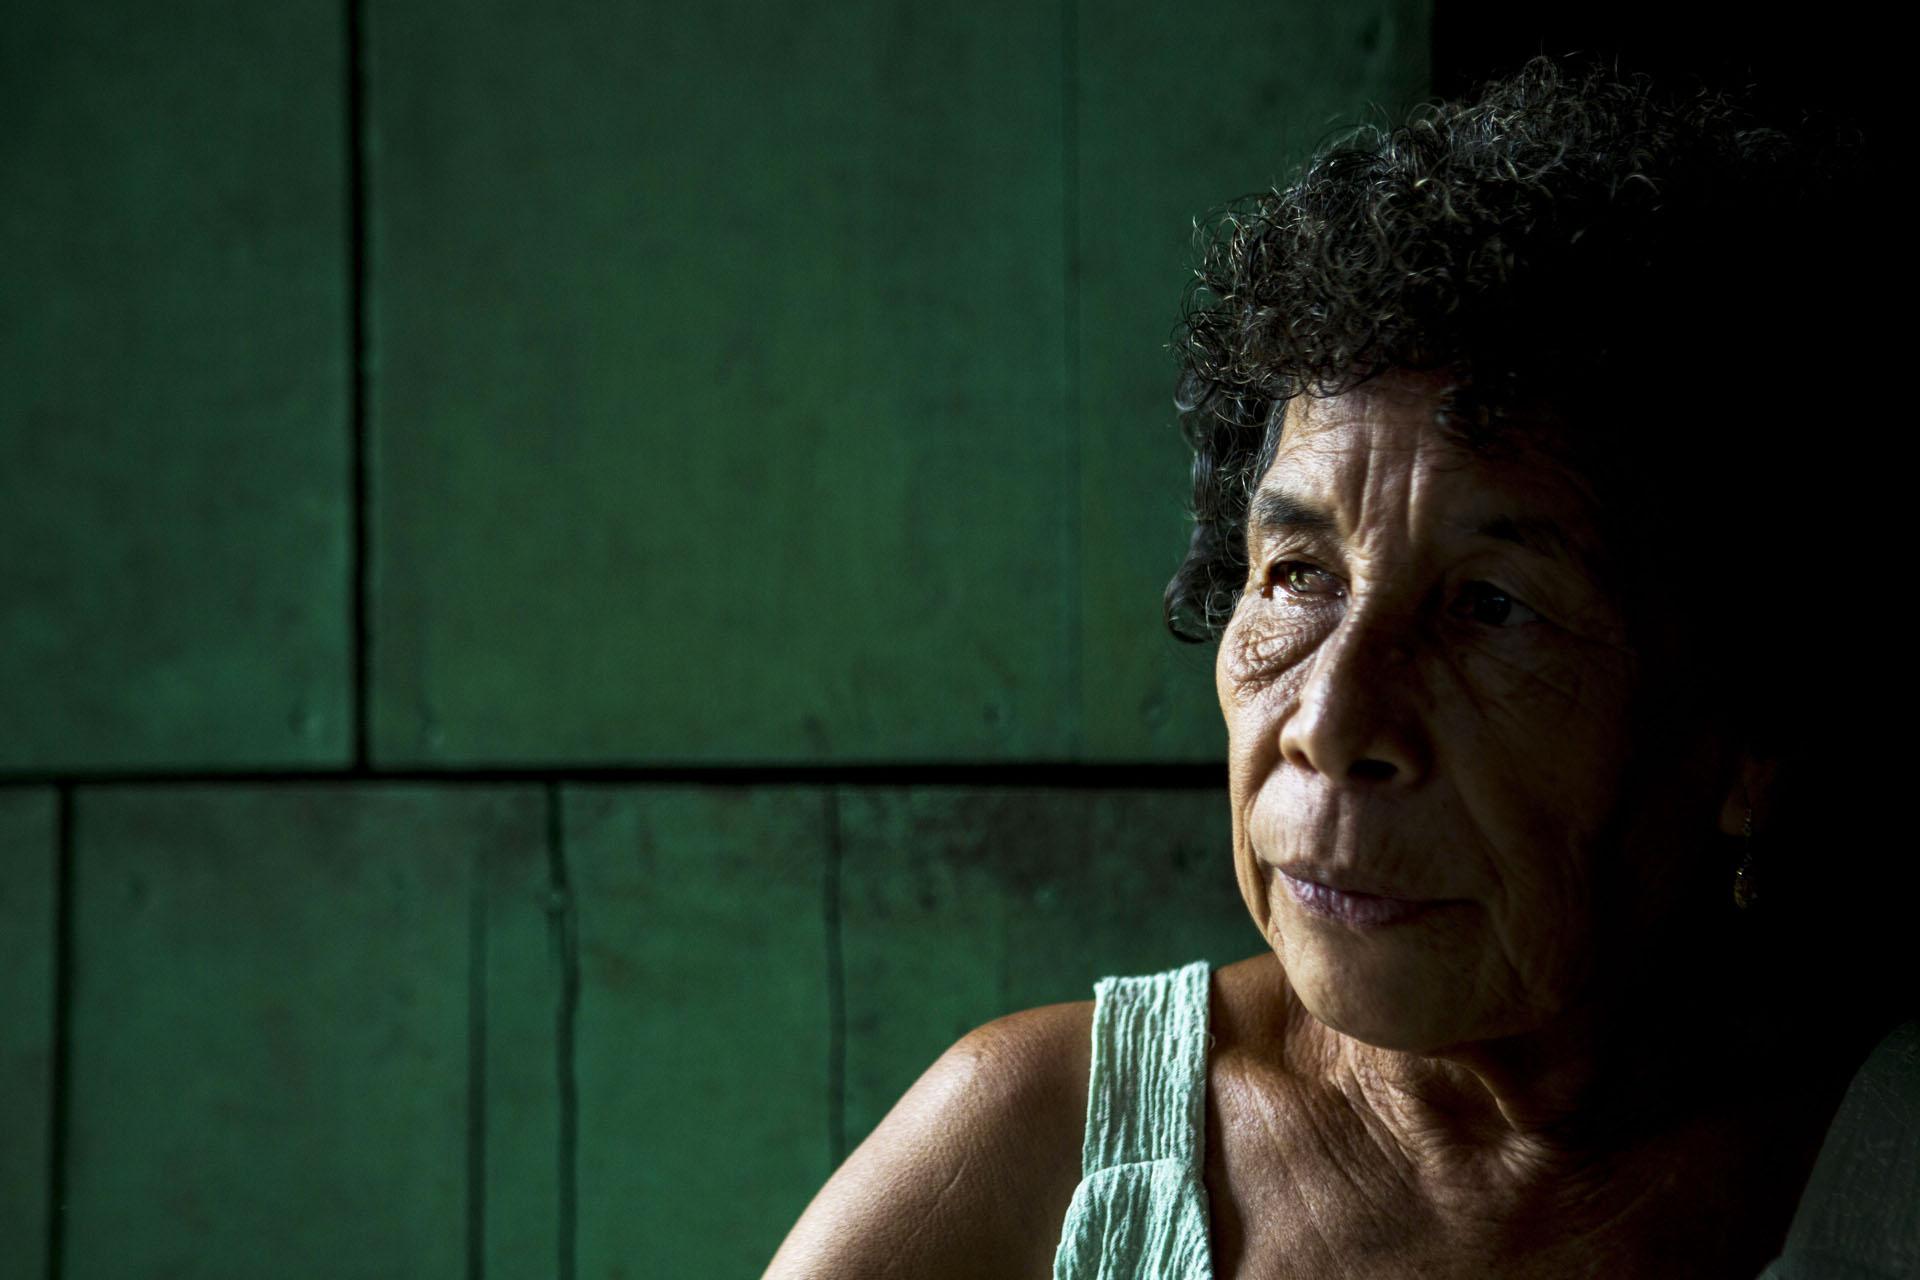 Maria Amparo Núñez nunca ha vivido en otro lugar y aunque disfruta ver la televisión por las noches le gustaría que no hubiera energía en el pueblo